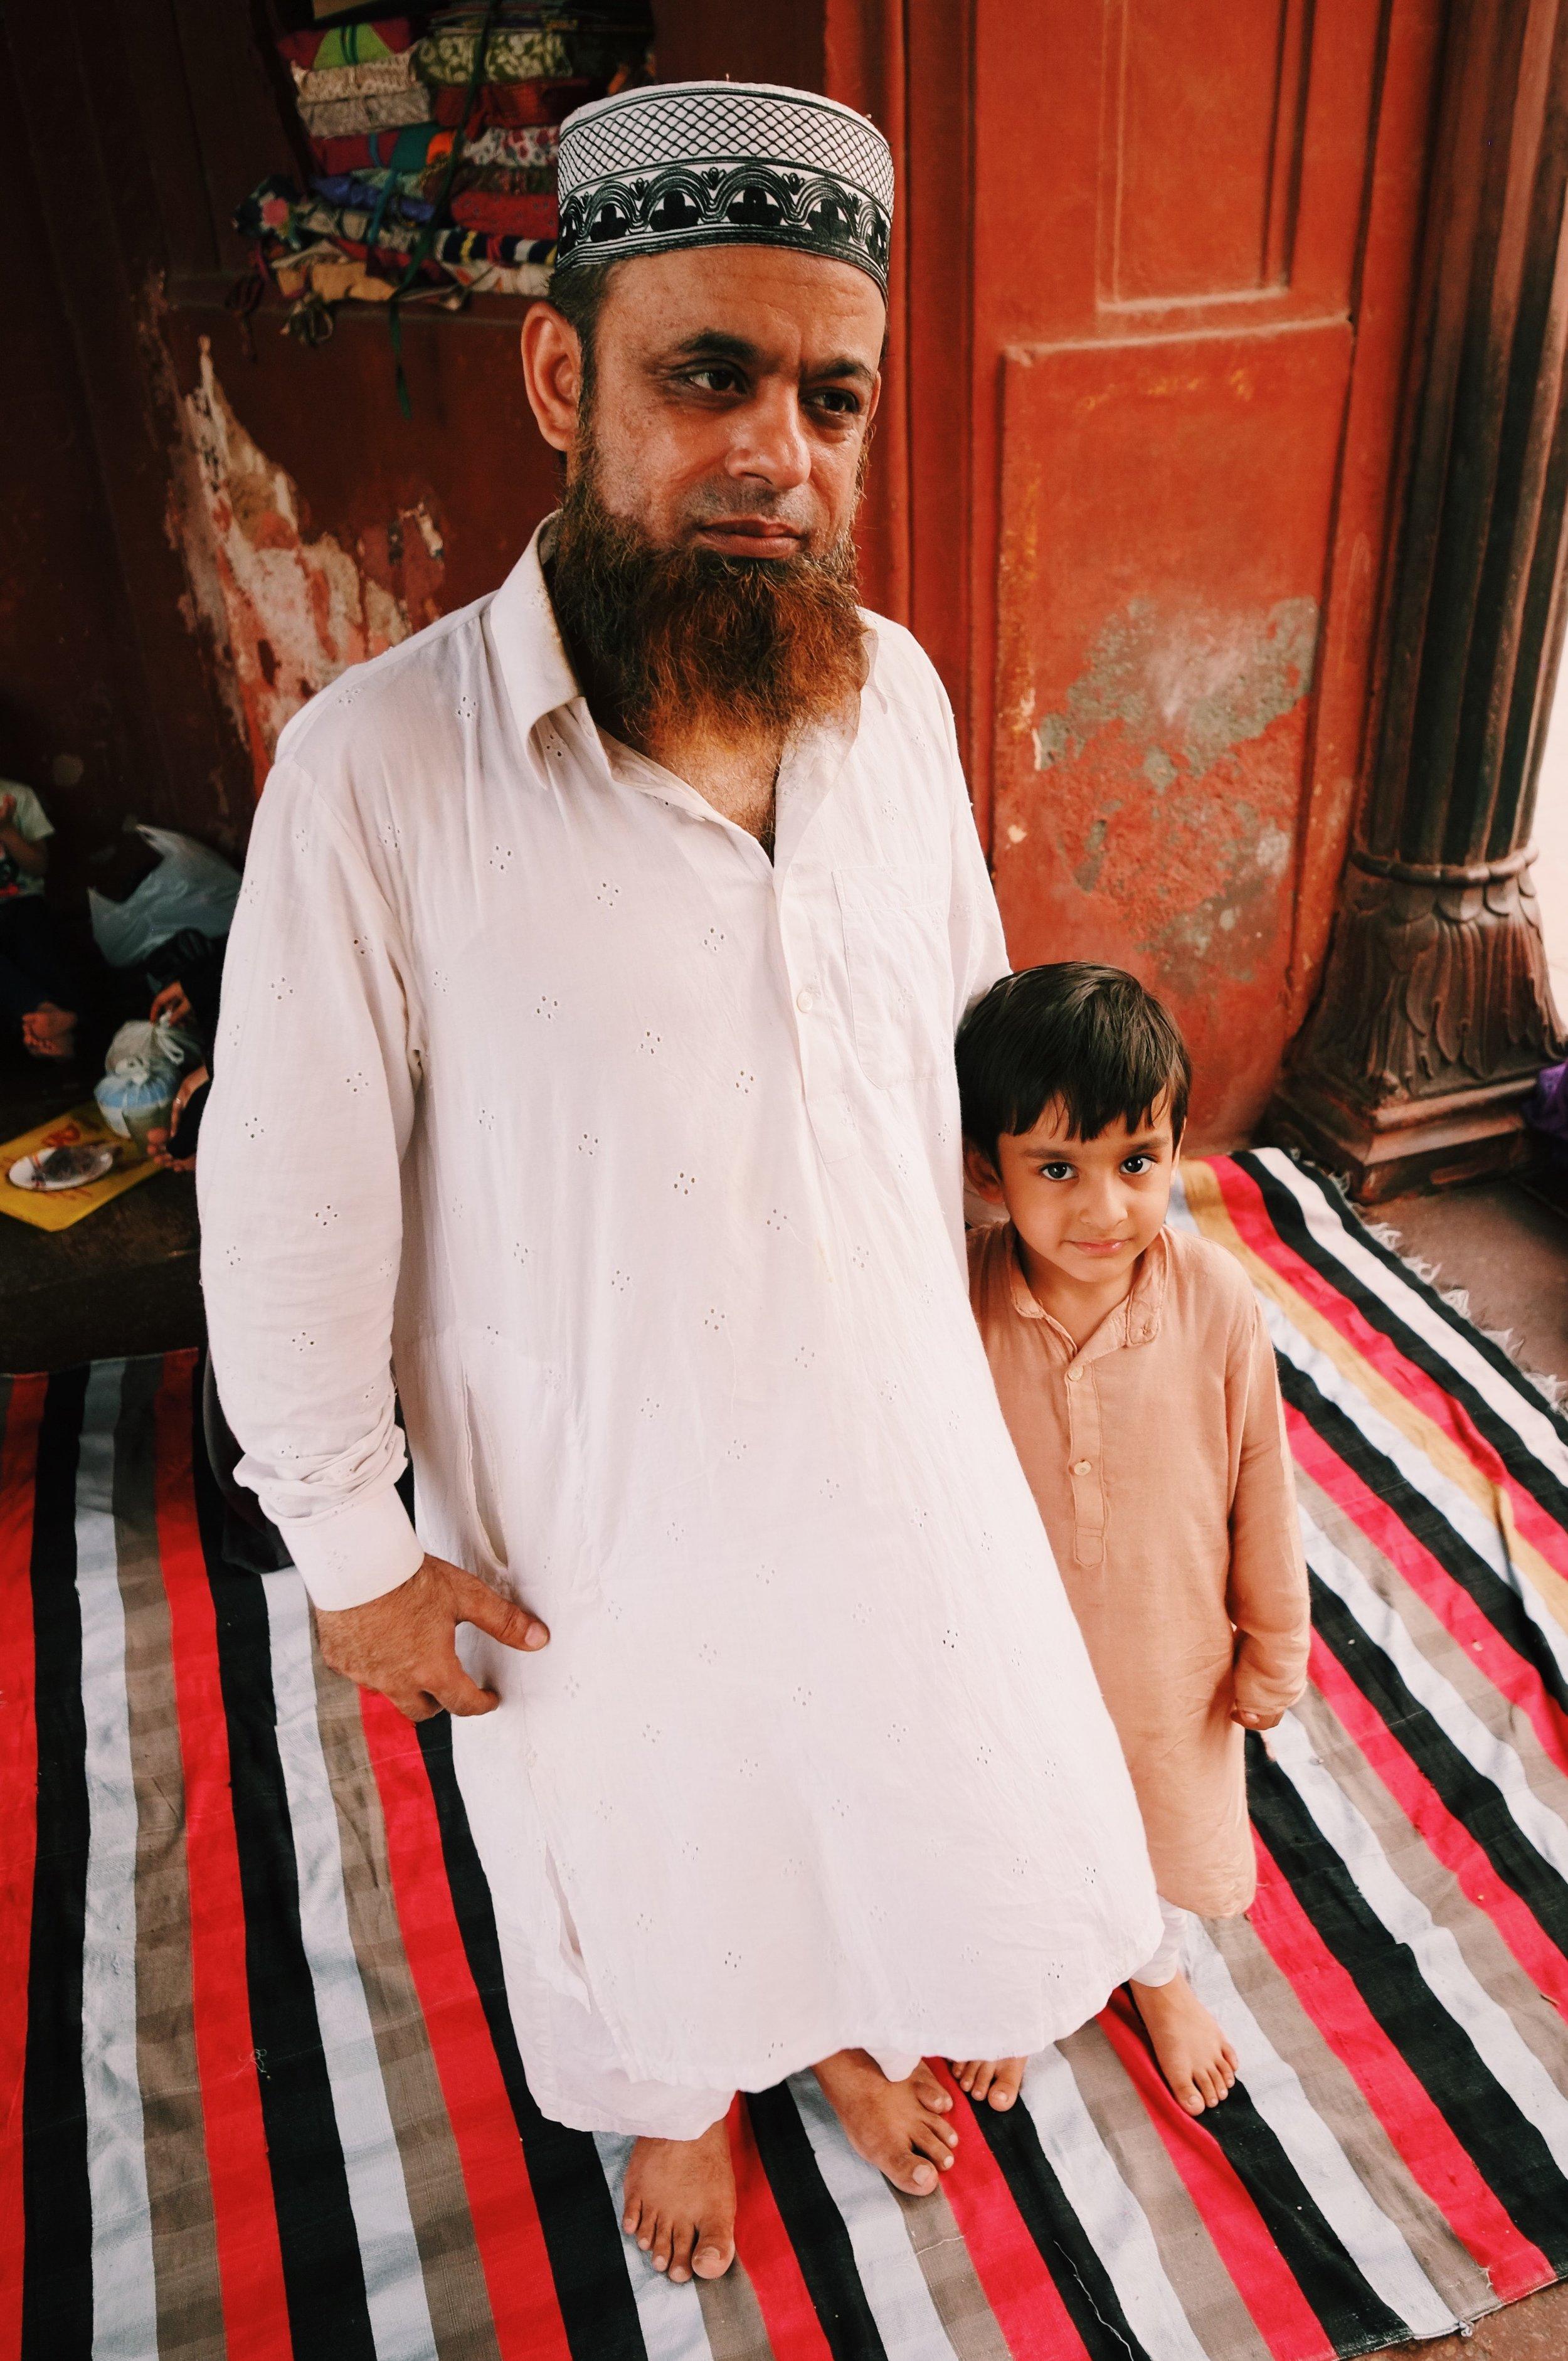 Jama Masjid Family Ramadan Friday Mosque New Delhi India Joost Bastmeijer.jpeg